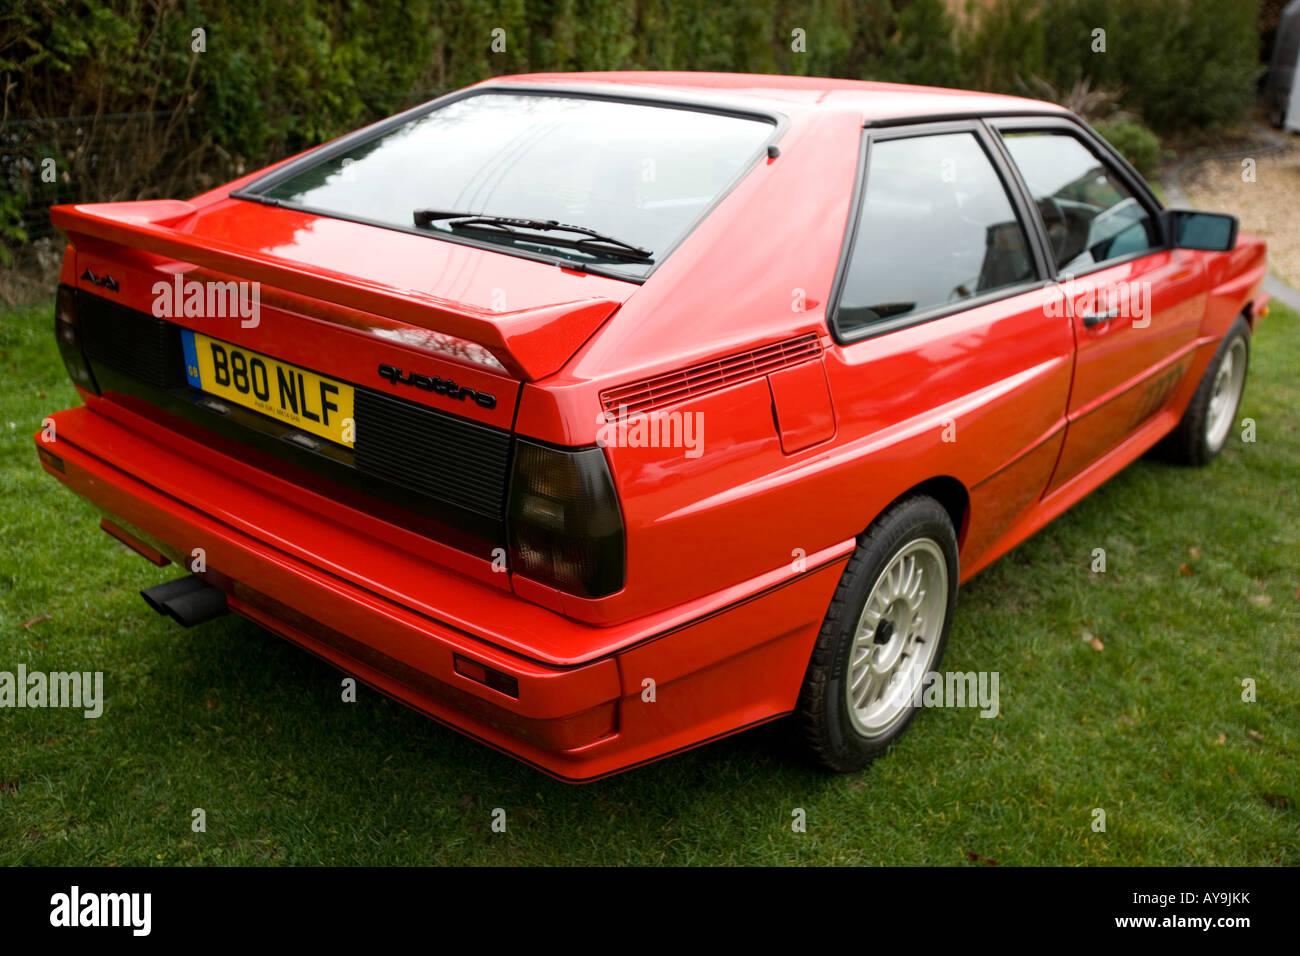 80s Audi Quattro Red Stock Photos & 80s Audi Quattro Red Stock ...